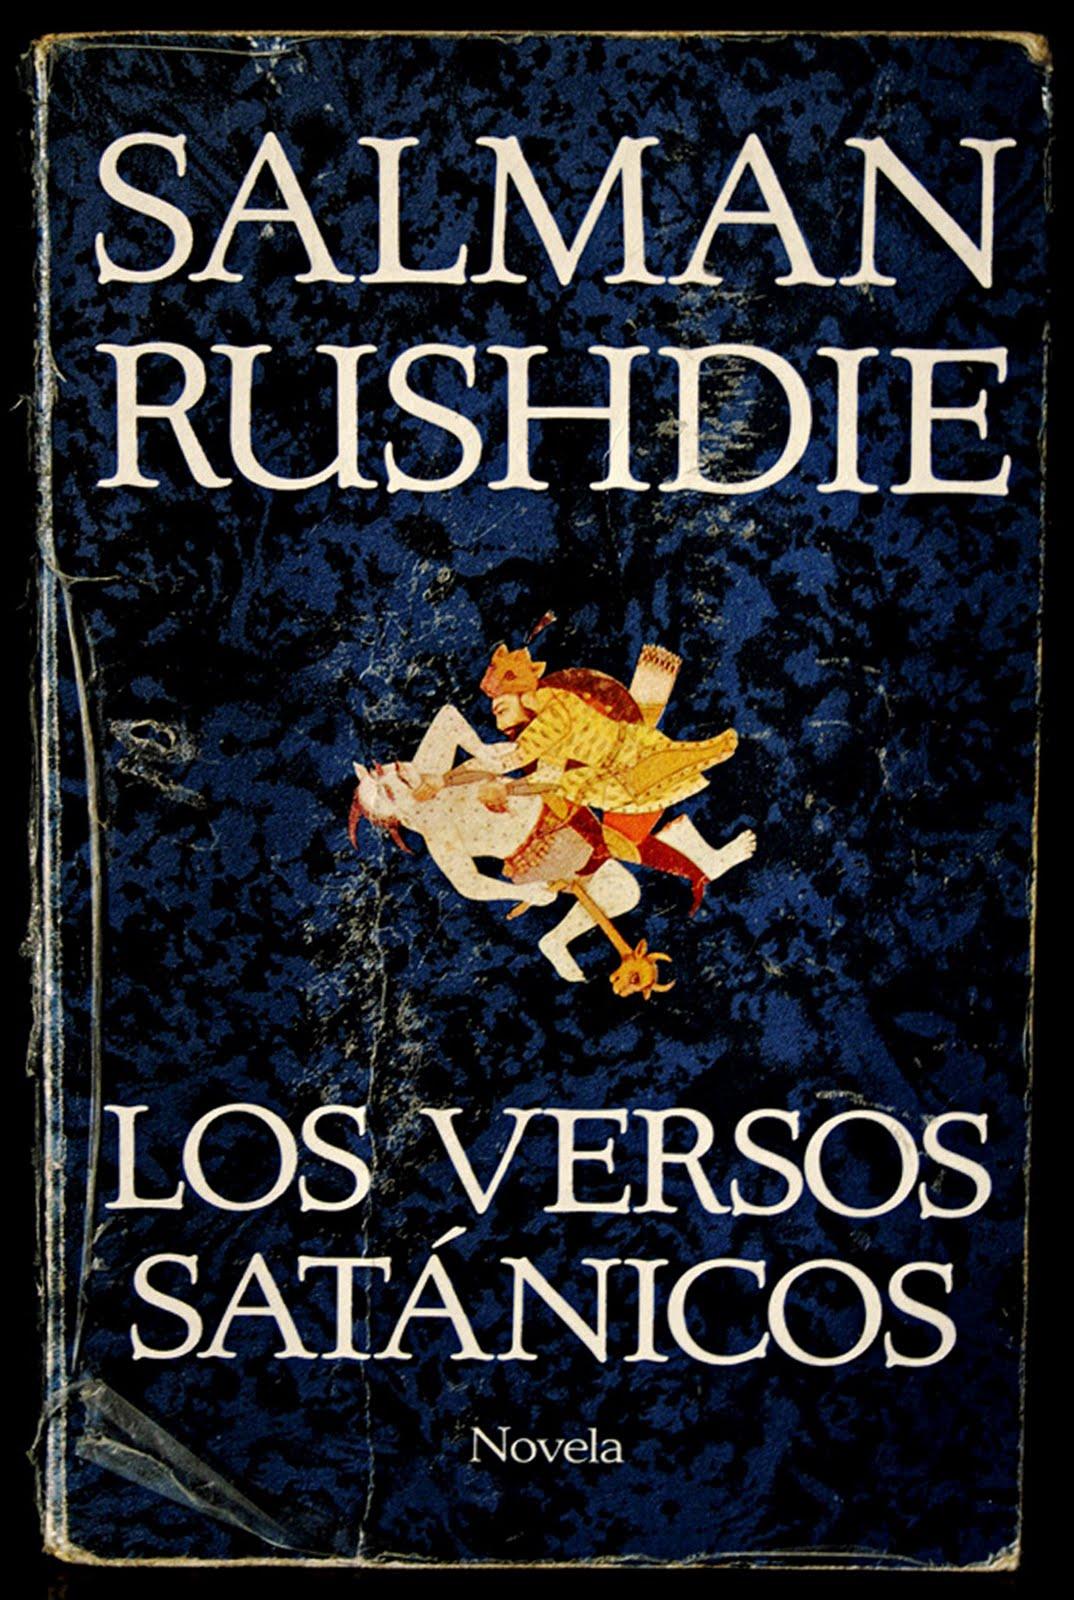 Los Versos Satánicos por Salman Rushdie